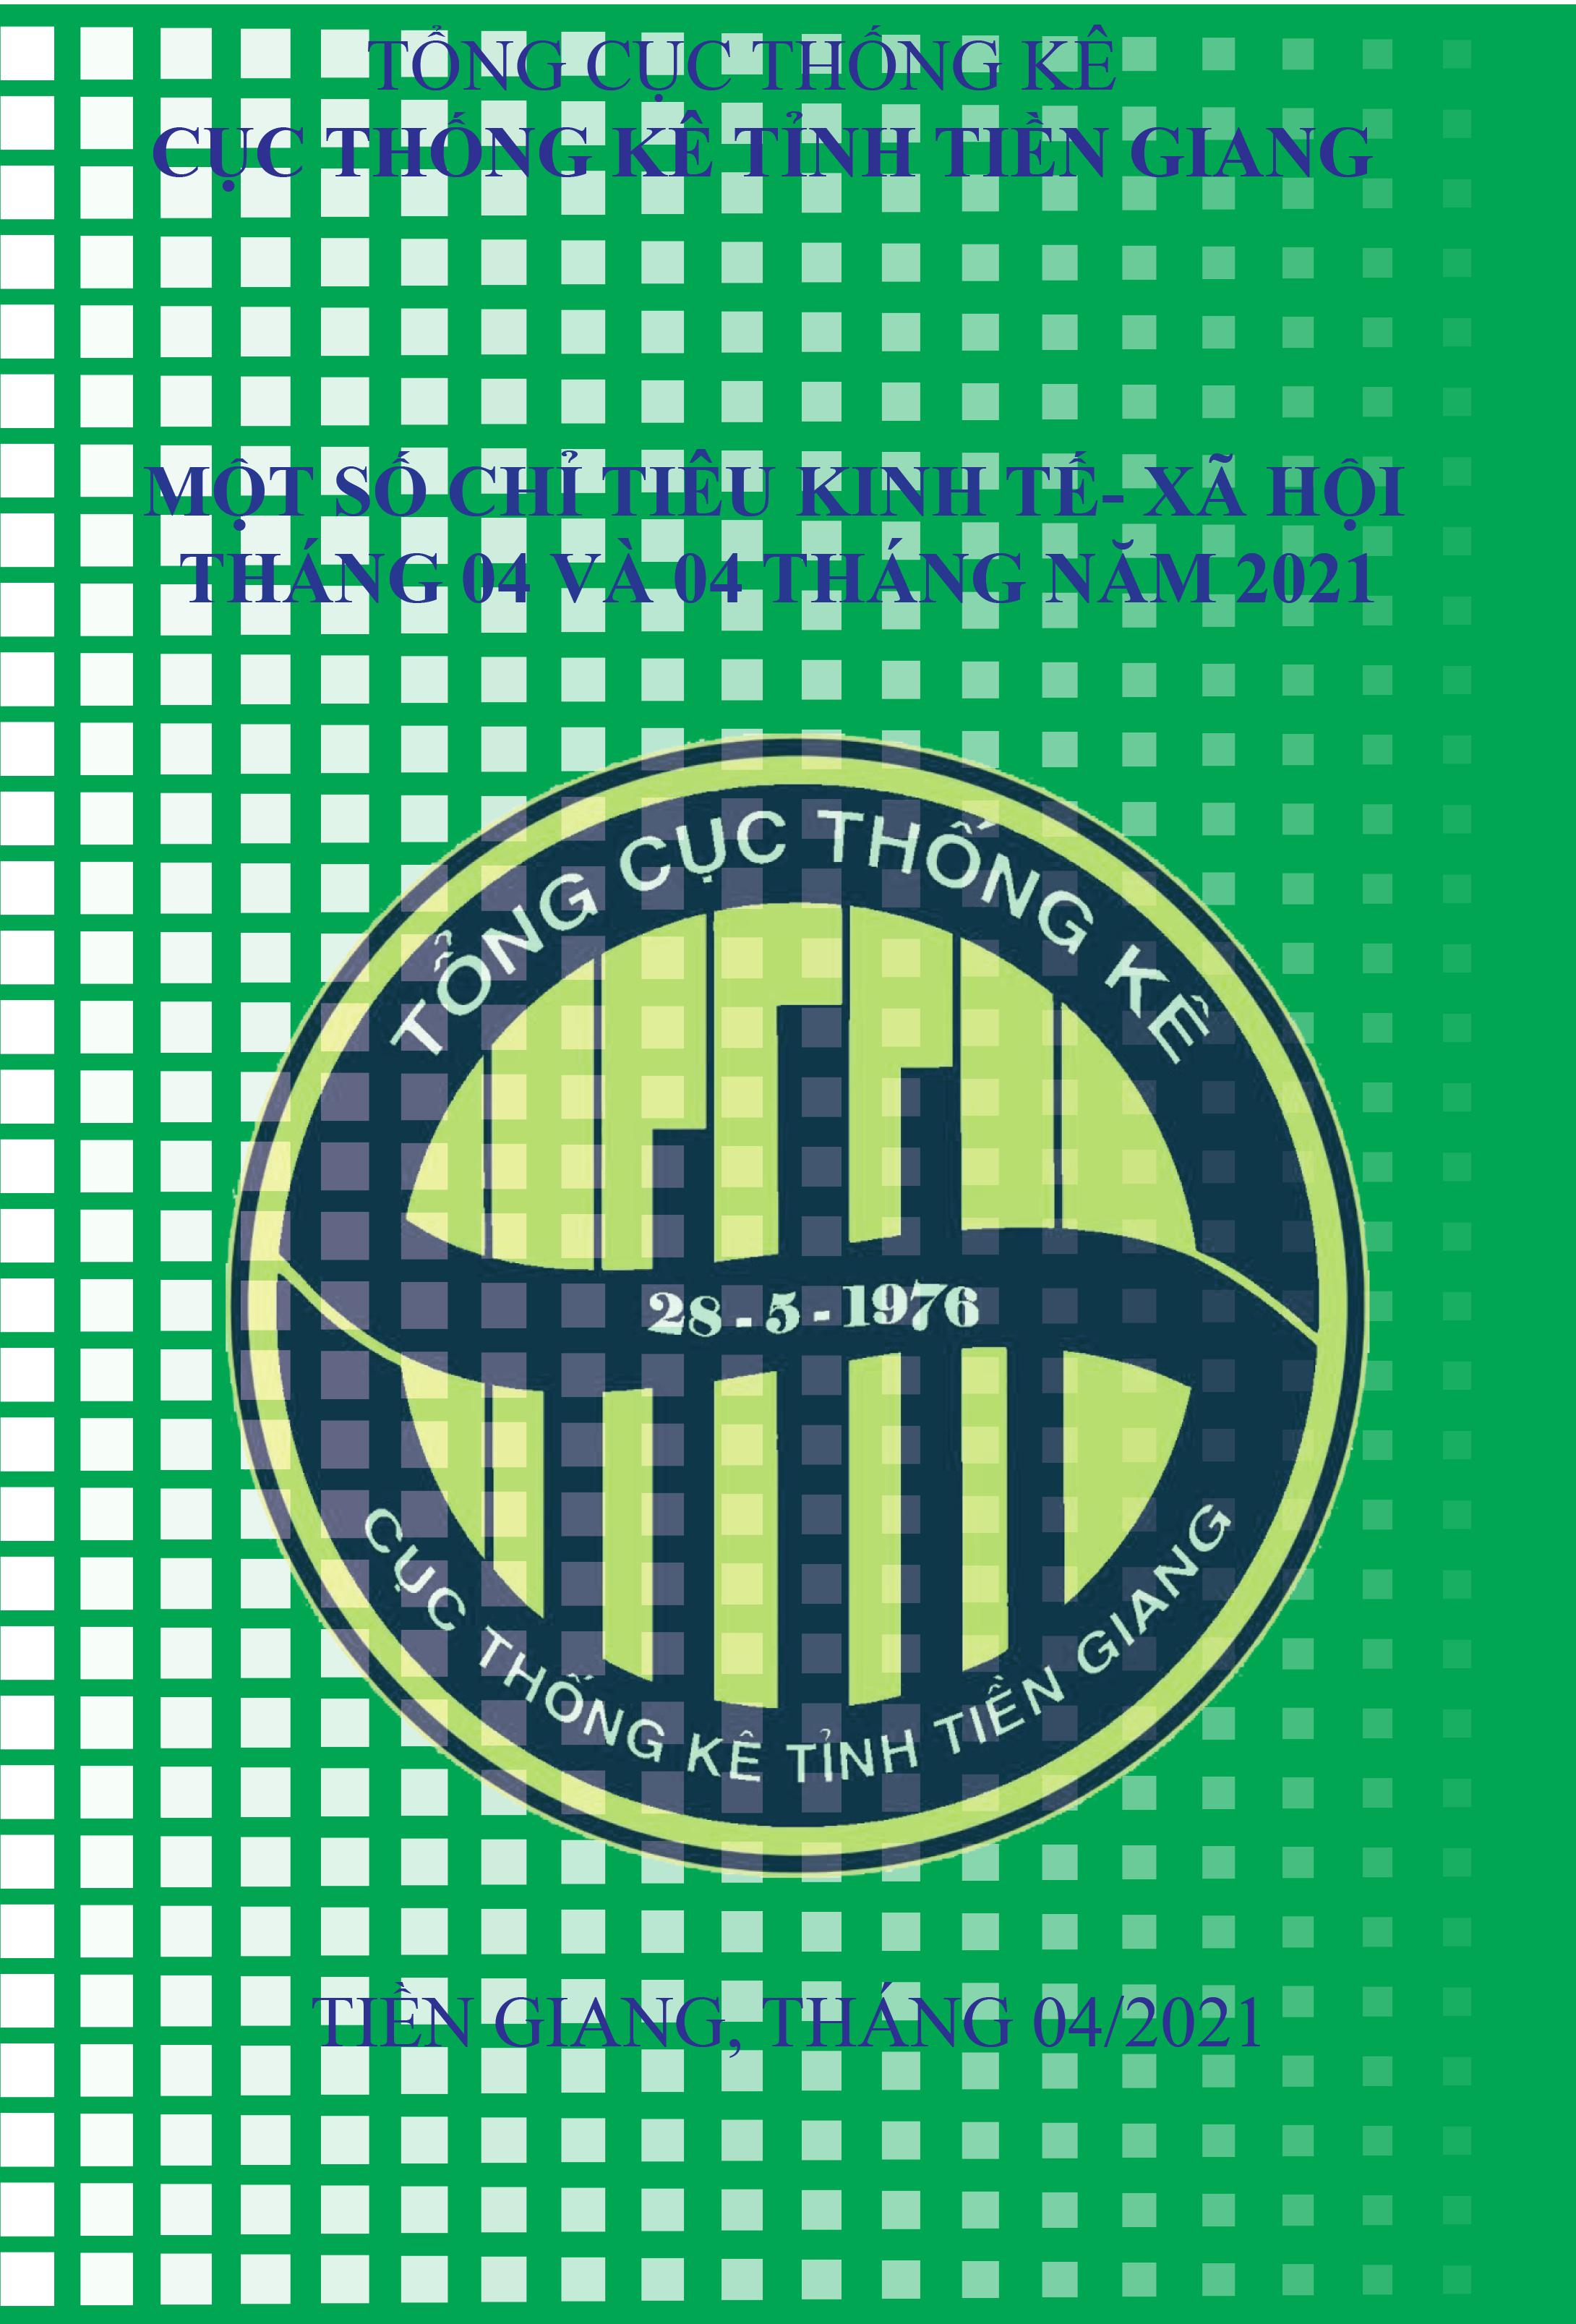 Infographic Tóm tắt tình hình kinh tế - xã hội tỉnh Tiền Giang tháng 4 năm 2021